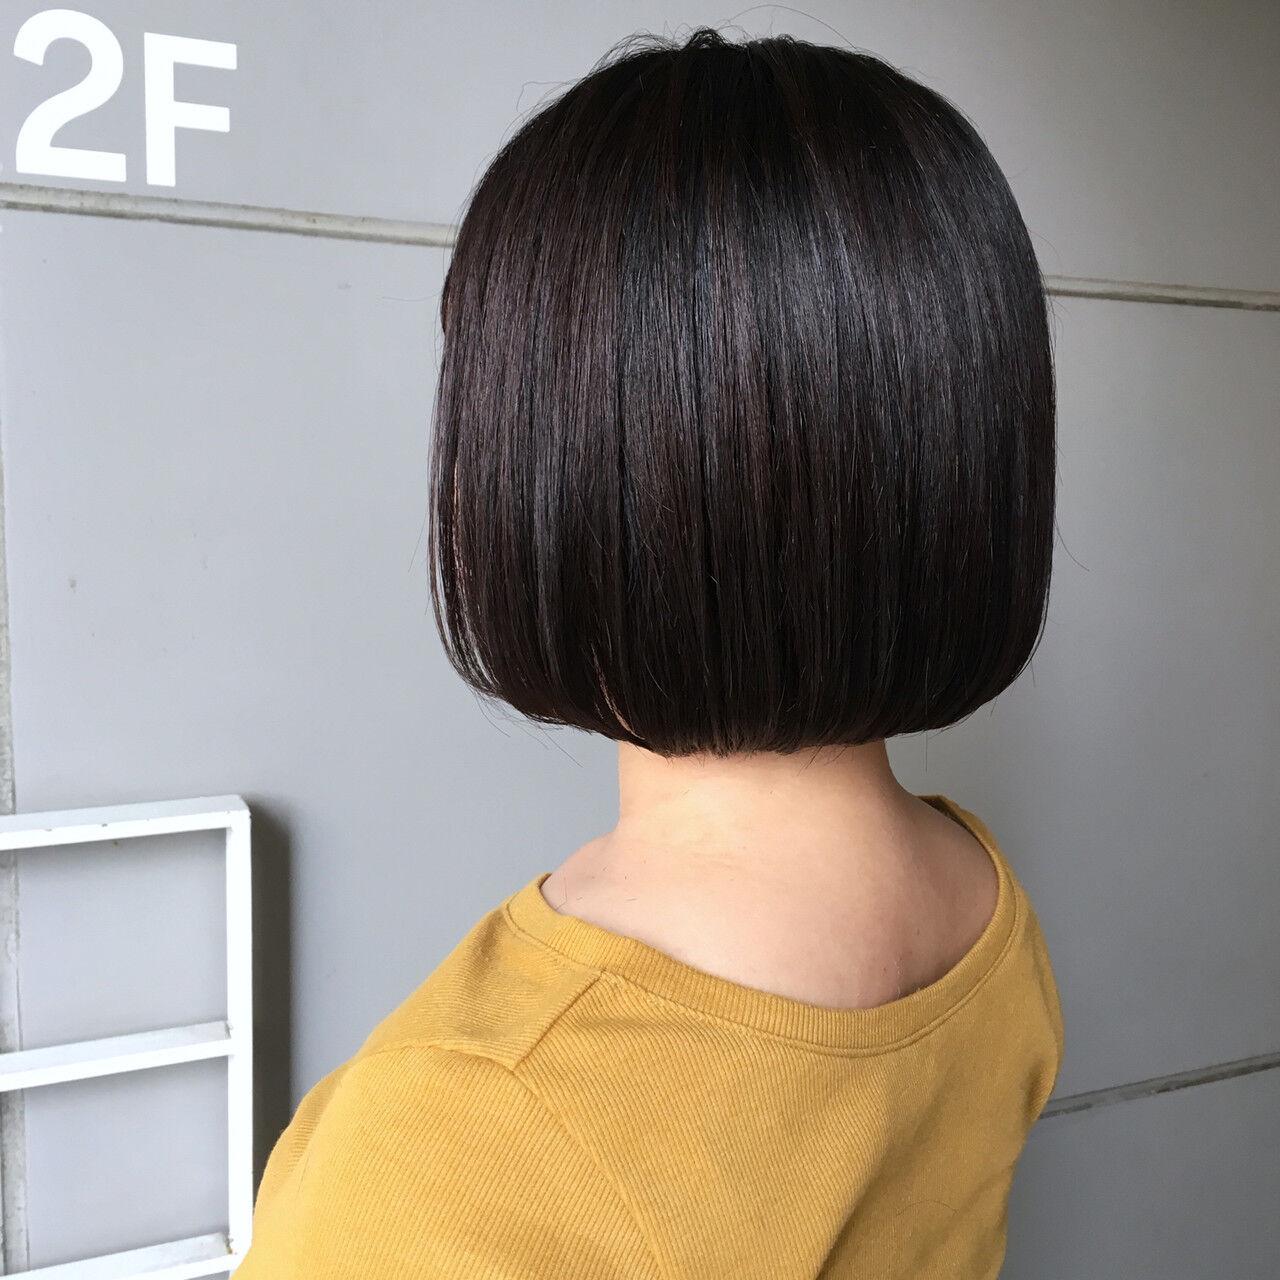 ナチュラル ミニボブ 切りっぱなしボブ ツヤ髪ヘアスタイルや髪型の写真・画像